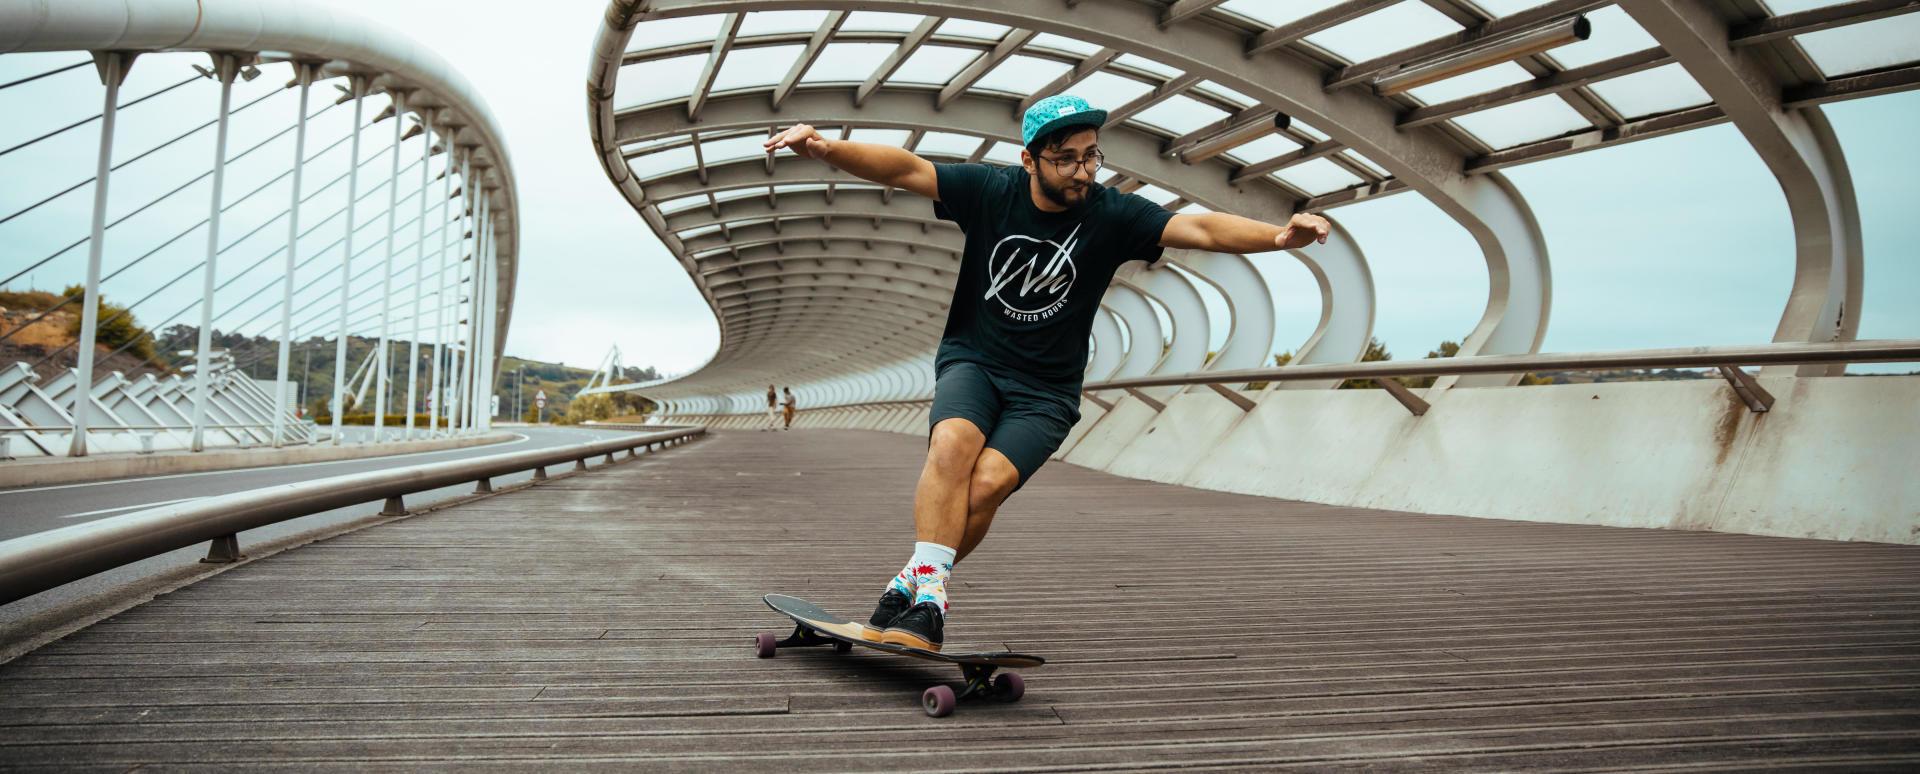 Homem a andar de skate na cidade